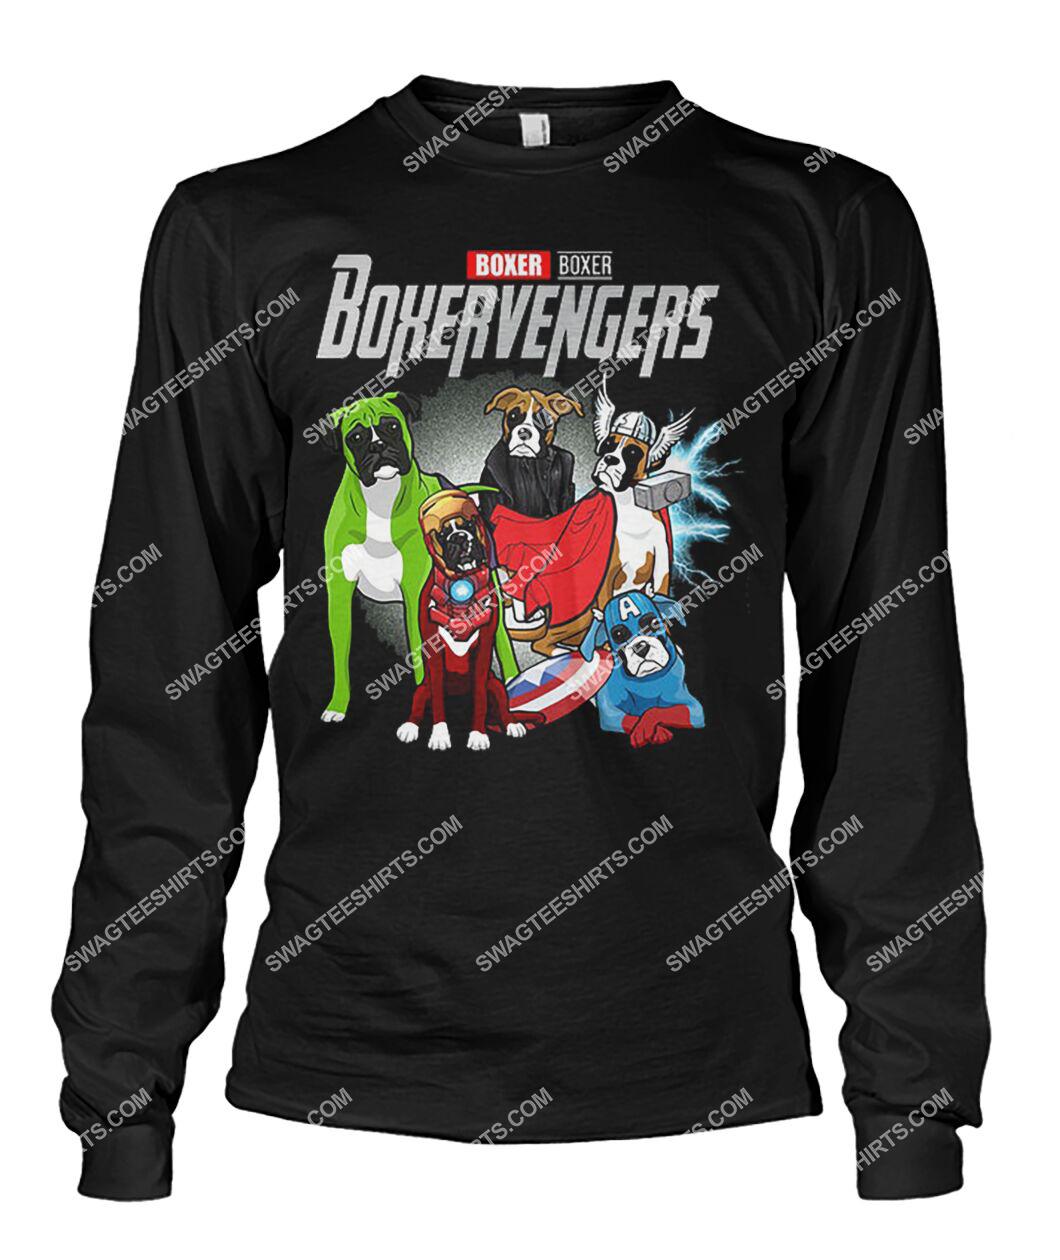 boxer boxervengers marvel avengers dogs lover sweatshirt 1